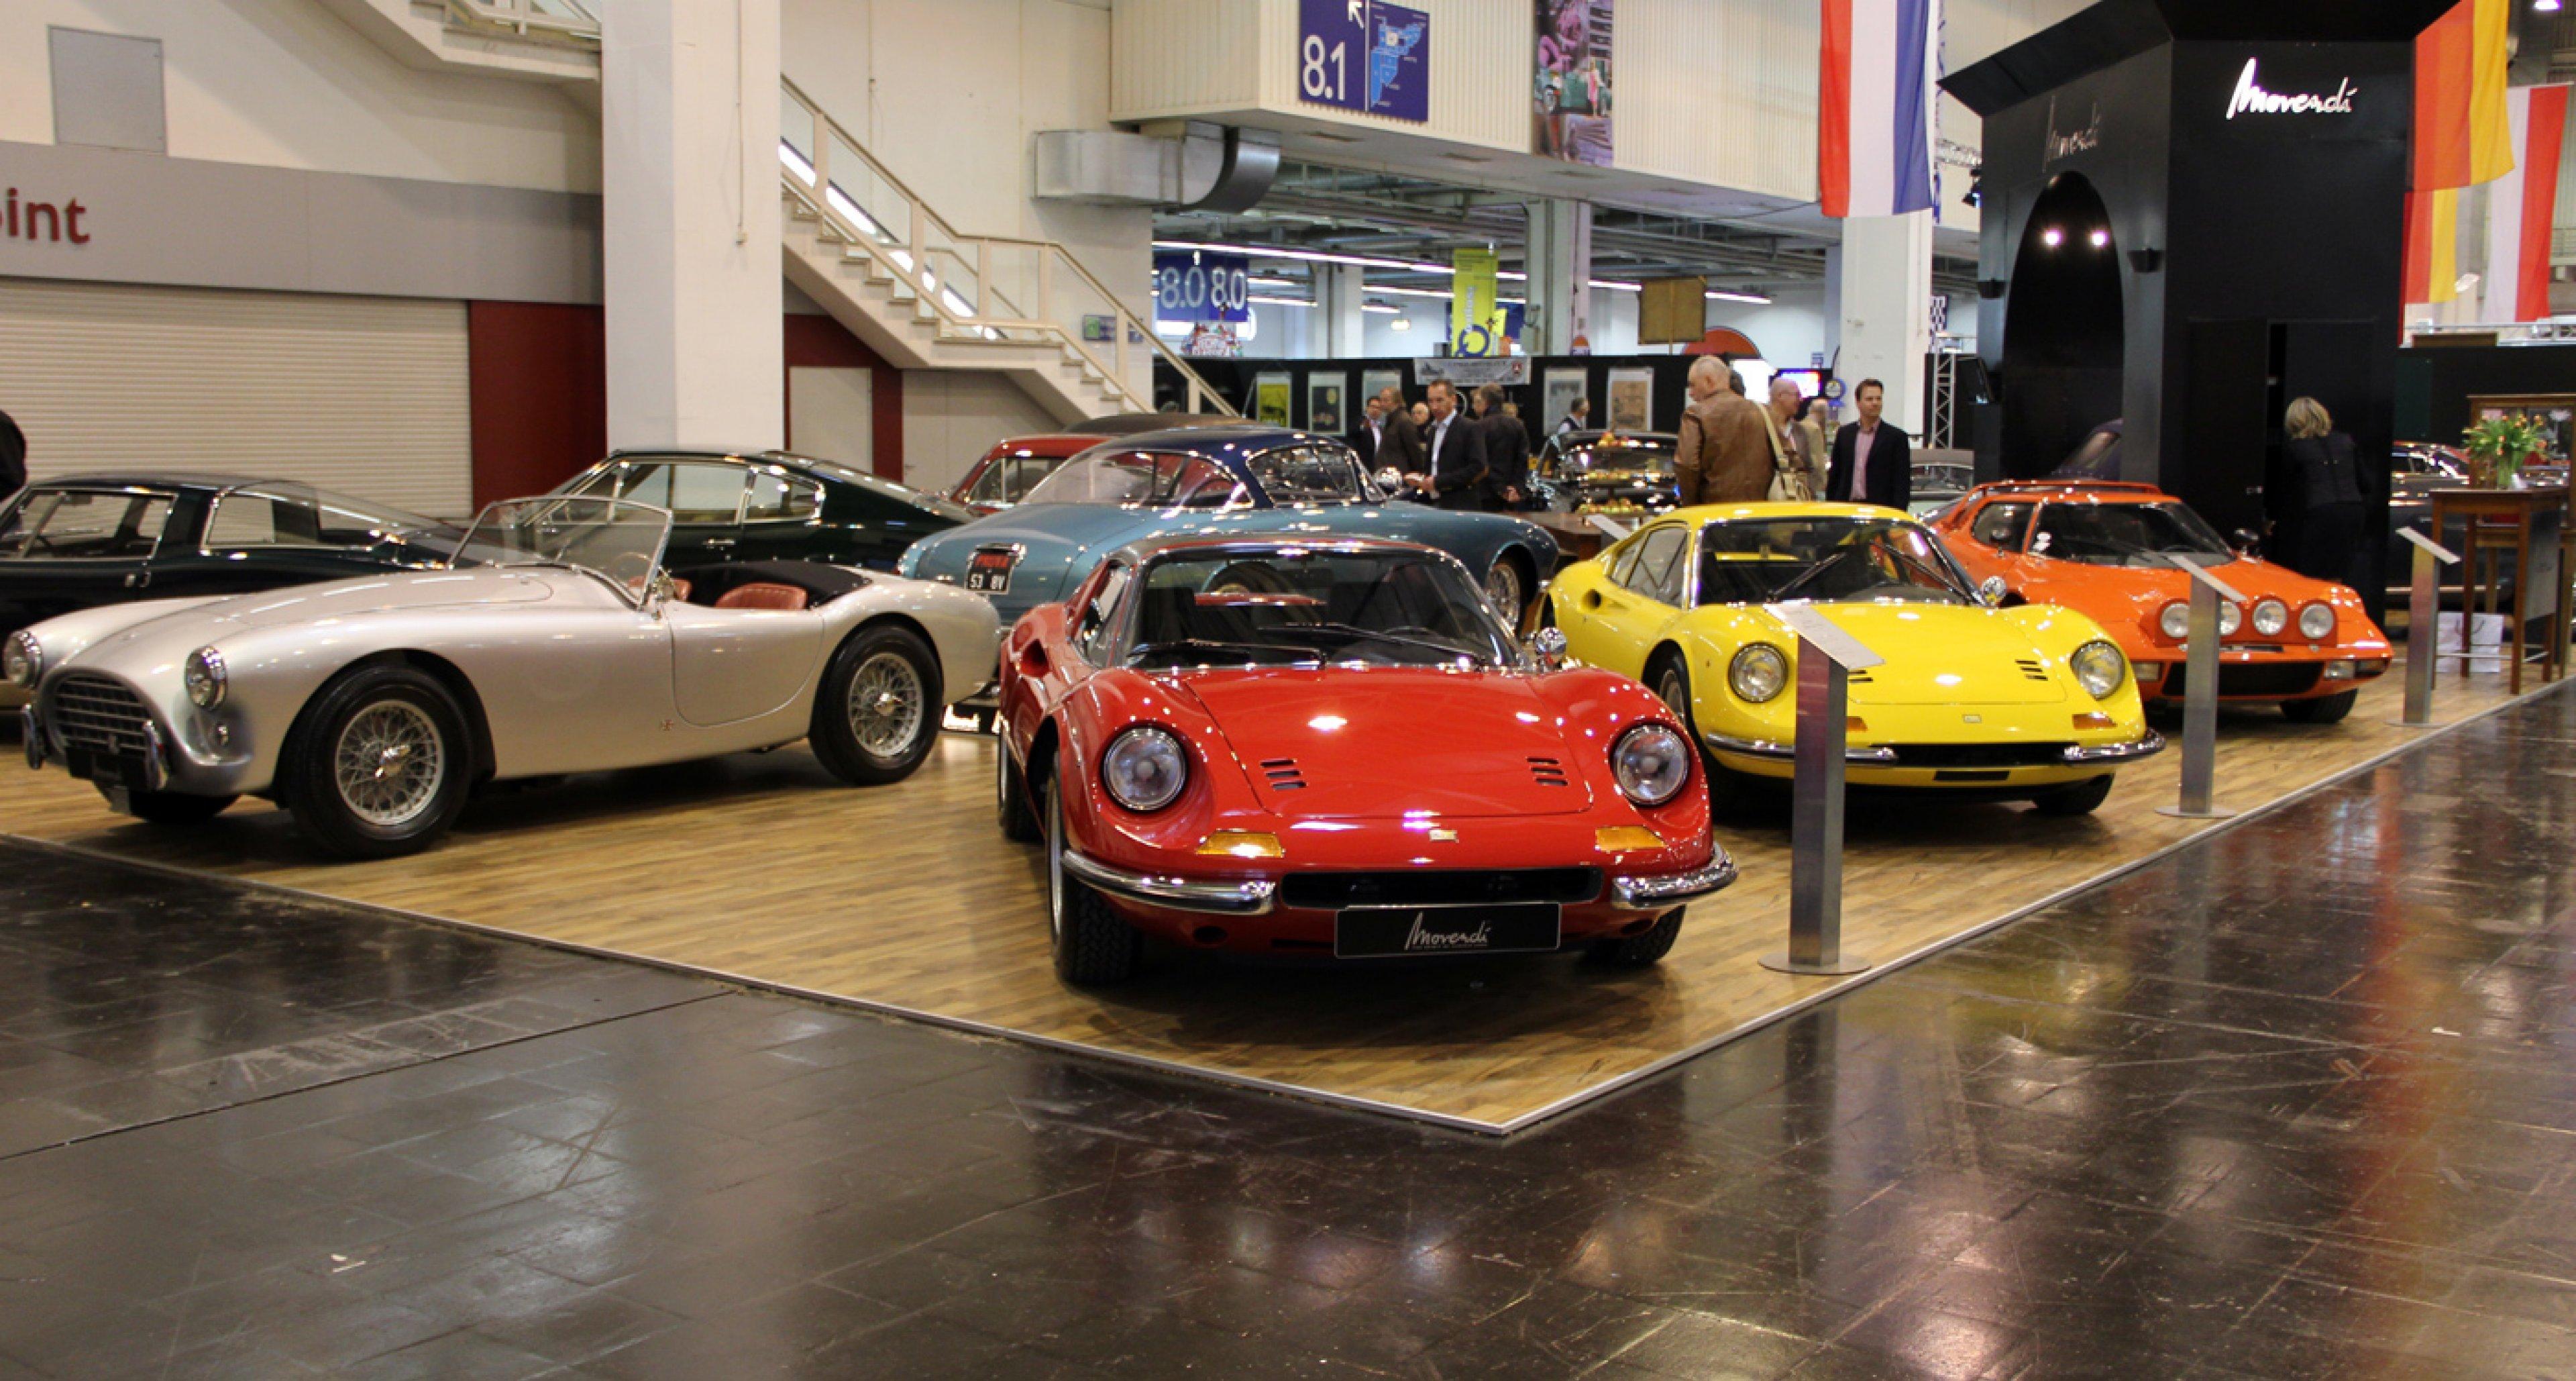 Techno Classica Essen 2014:  Ferrari Dino 246 GT on the Movendi stand